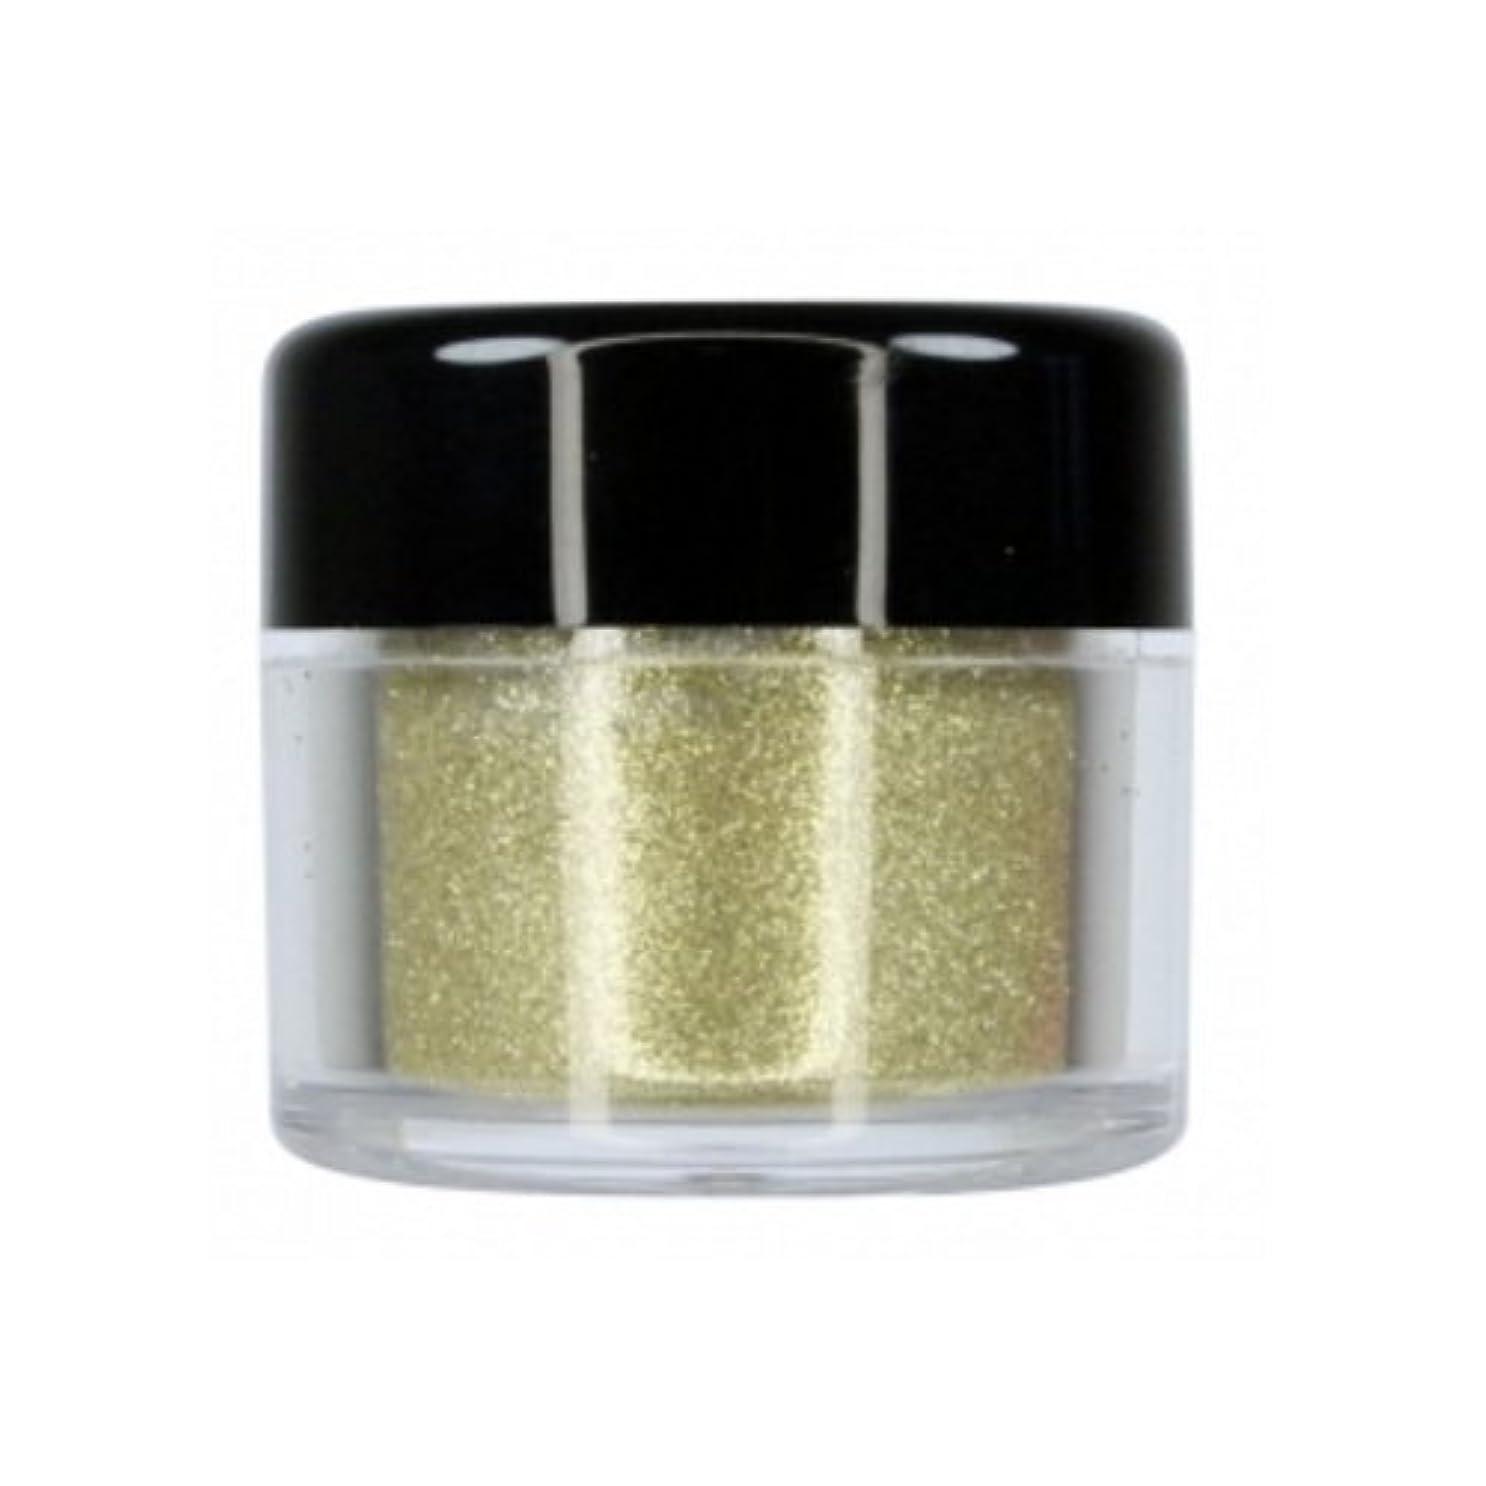 貧困章スツールCITY COLOR Sparkle & Shine Ultra Fine Loose Glitter - Sparkler (並行輸入品)